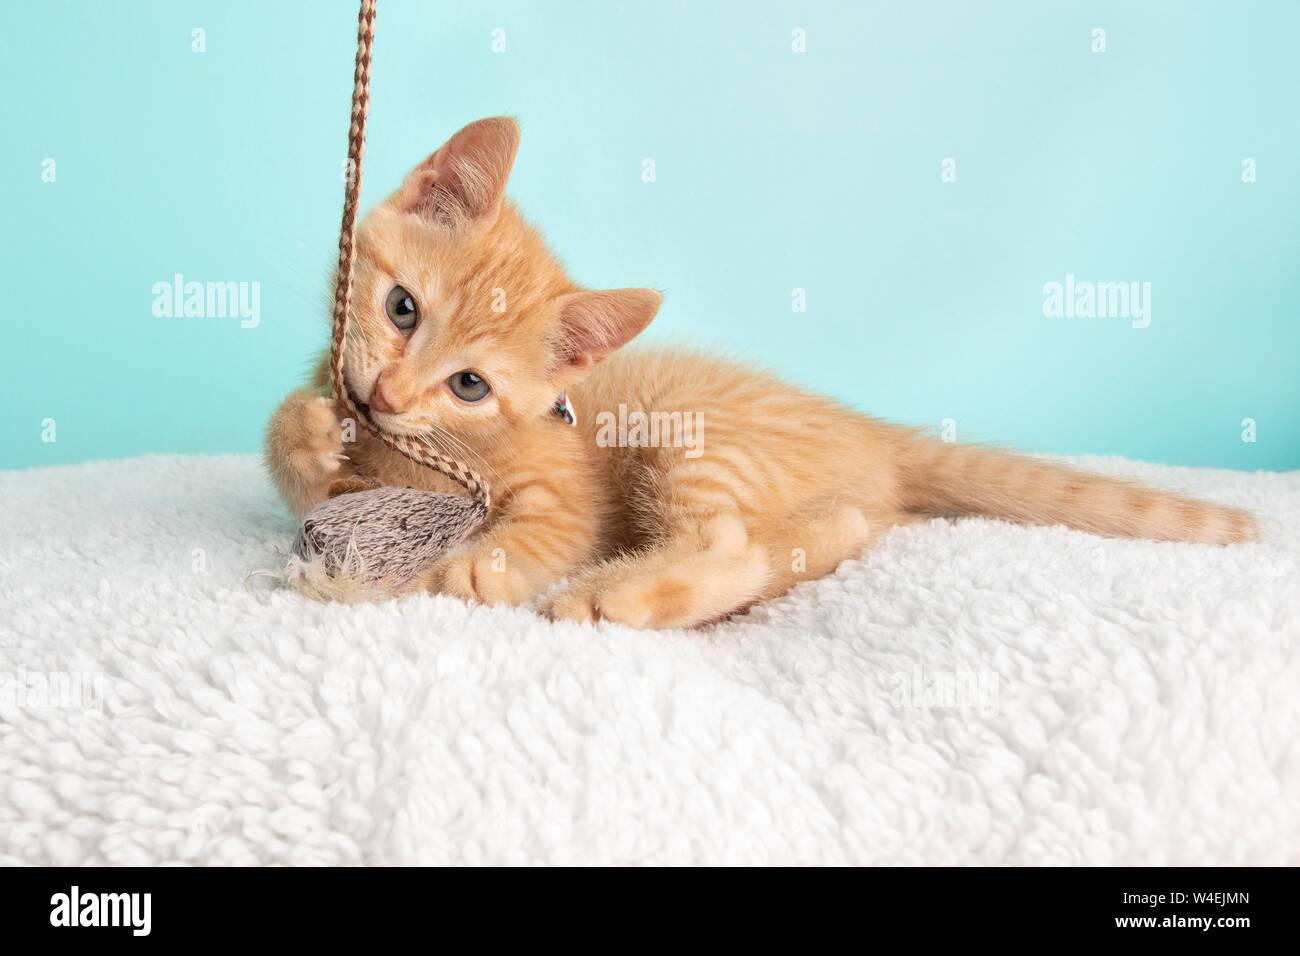 Jeune chat tabby Kitten Rescue Orange vêtu de blanc Noeud Papillon Fleur de patte allongée et jouer avec la souris Jouet et String sur fond bleu Banque D'Images